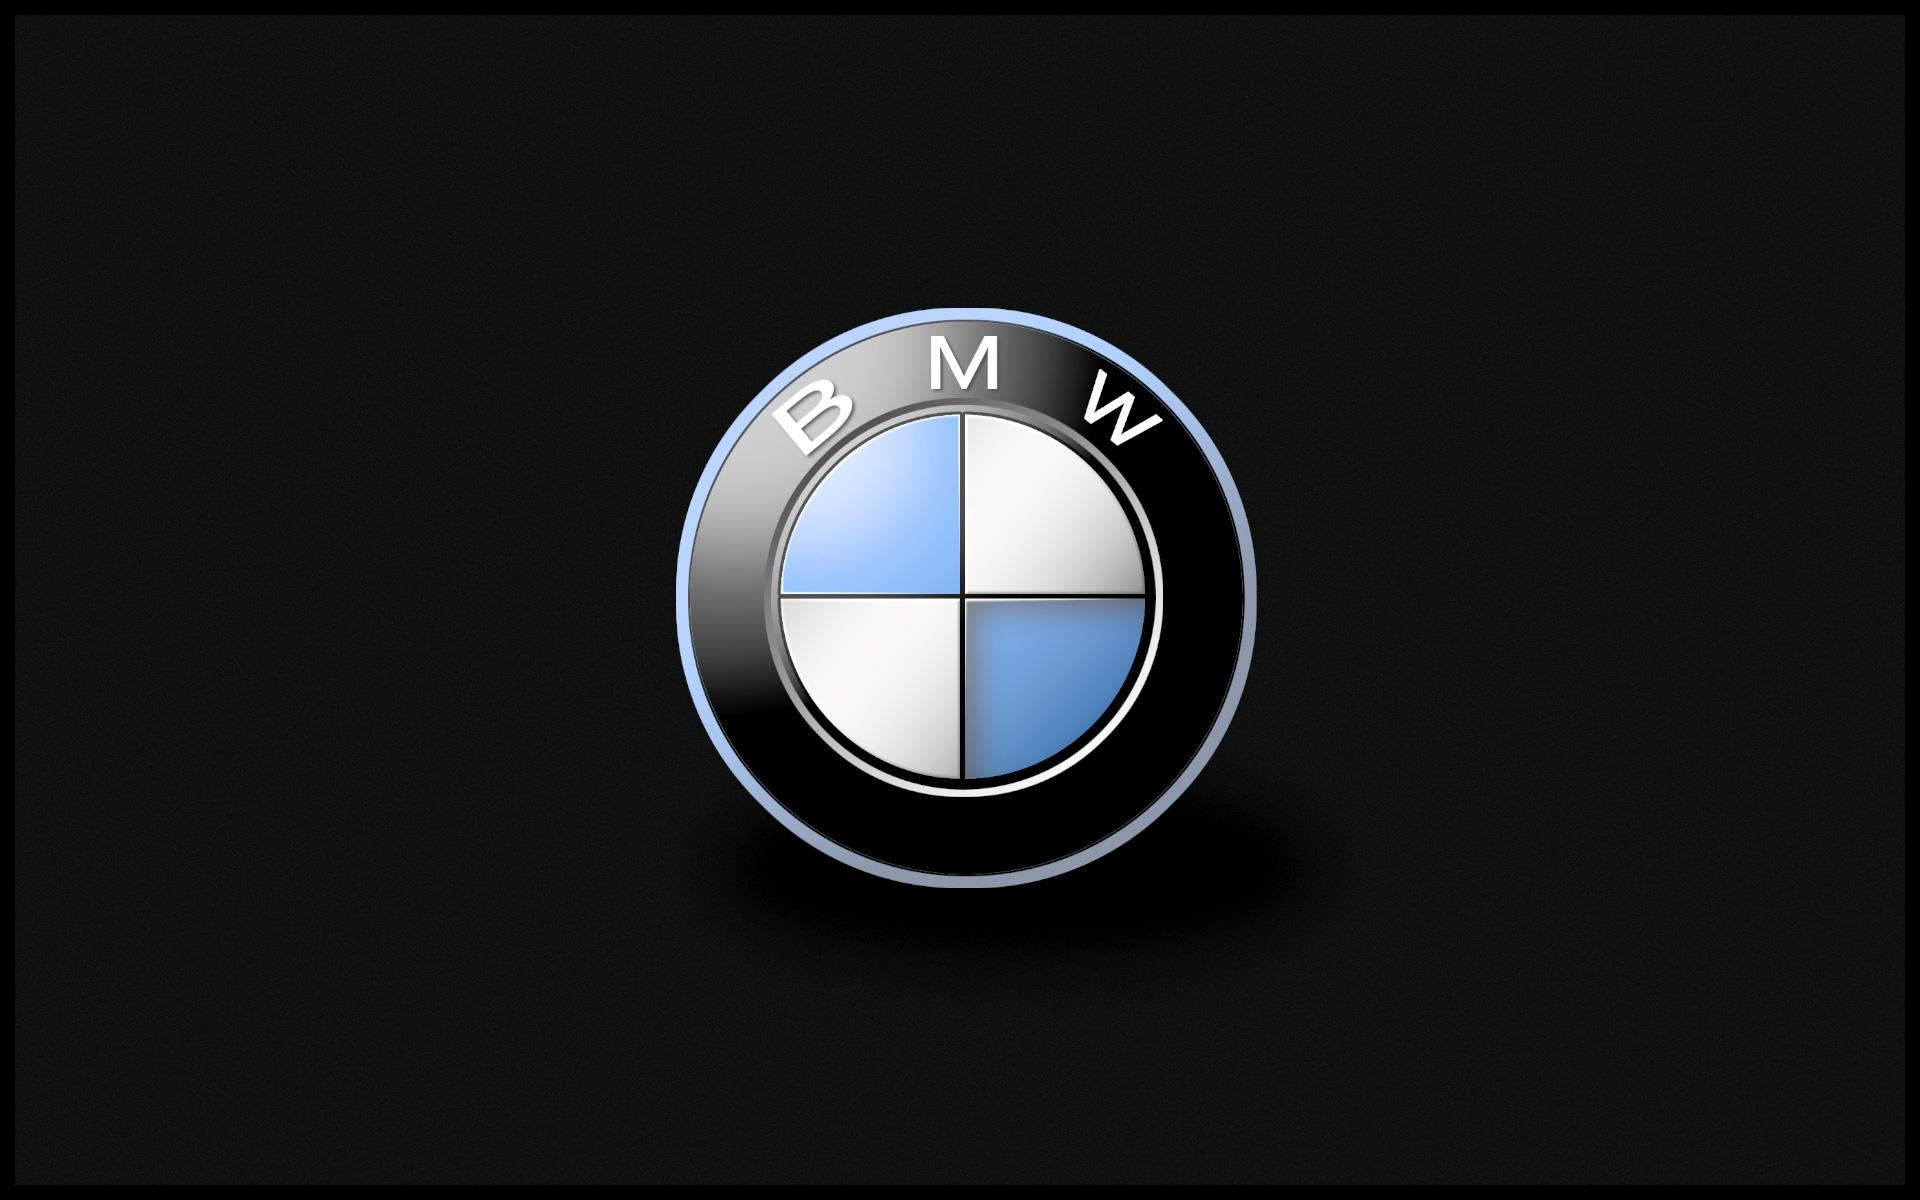 bmw logo wallpaper1